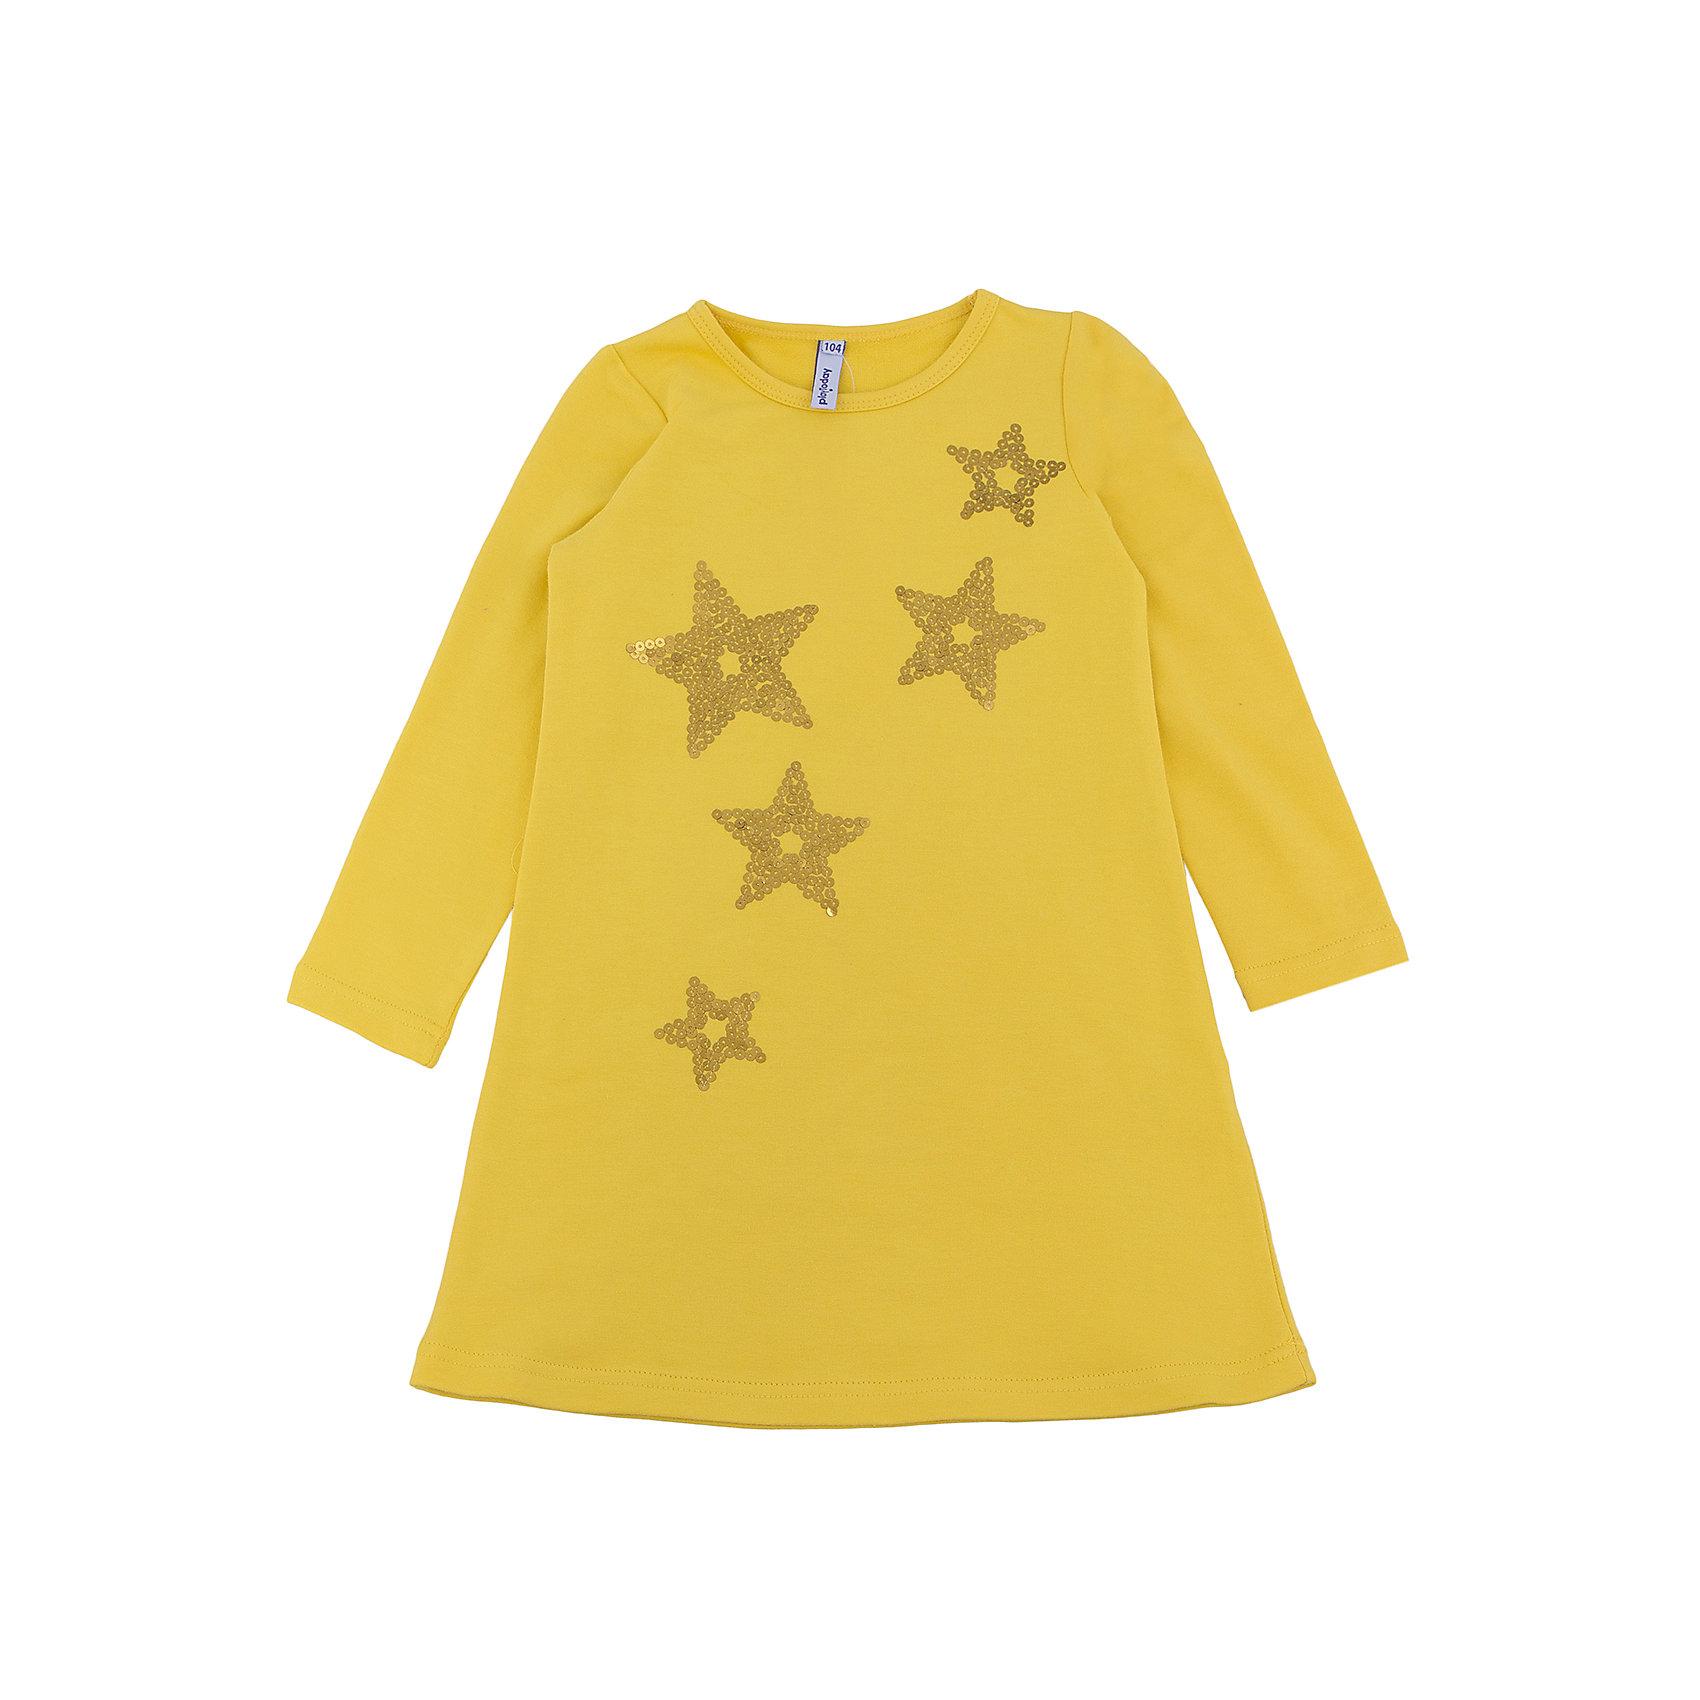 Платье для девочки PlayTodayПлатье для девочки от известного бренда PlayToday.<br>Яркое хлопковое платье с длинными рукавами. Украшено звездочками из сверкающих страз. Застегивается на кнопки на спинке.<br>Состав:<br>95% хлопок, 5% эластан<br><br>Ширина мм: 236<br>Глубина мм: 16<br>Высота мм: 184<br>Вес г: 177<br>Цвет: желтый<br>Возраст от месяцев: 48<br>Возраст до месяцев: 60<br>Пол: Женский<br>Возраст: Детский<br>Размер: 110,98,116,128,104,122<br>SKU: 4898481